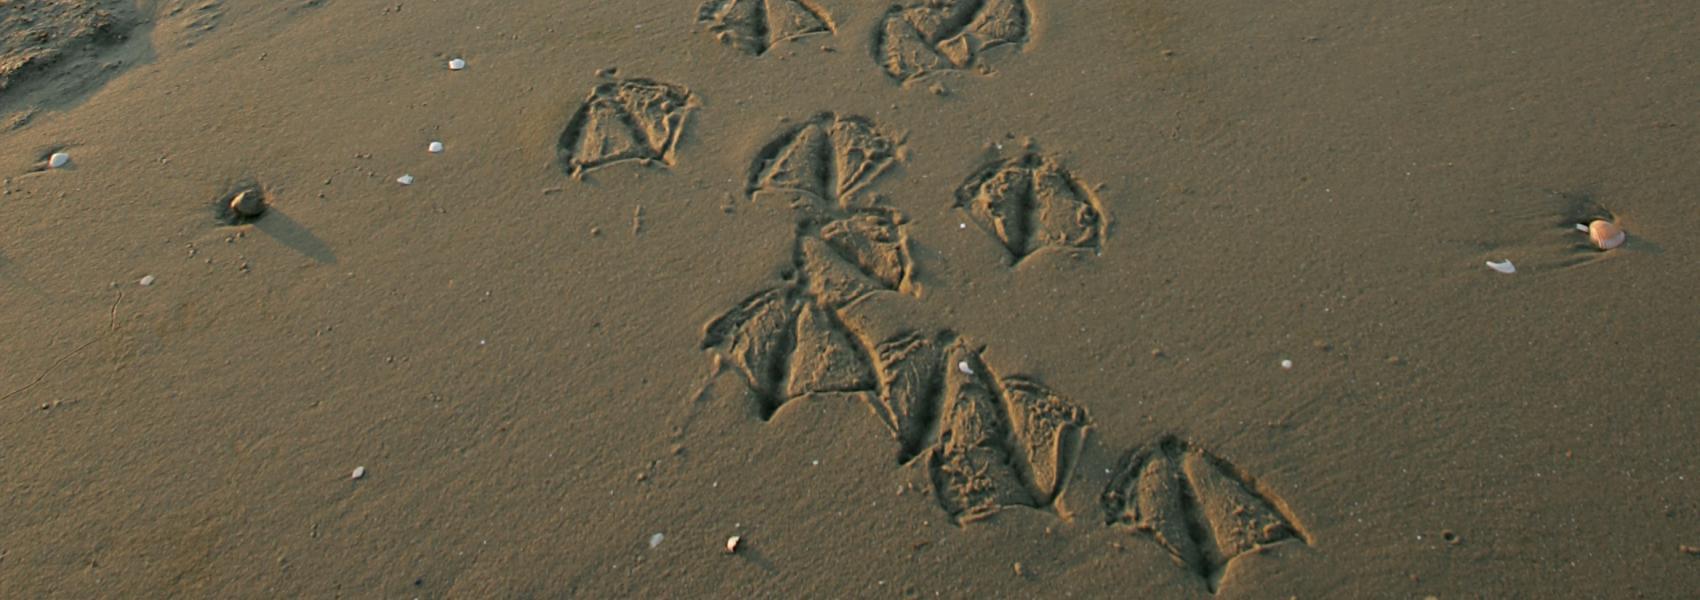 vogelsporen in het zand